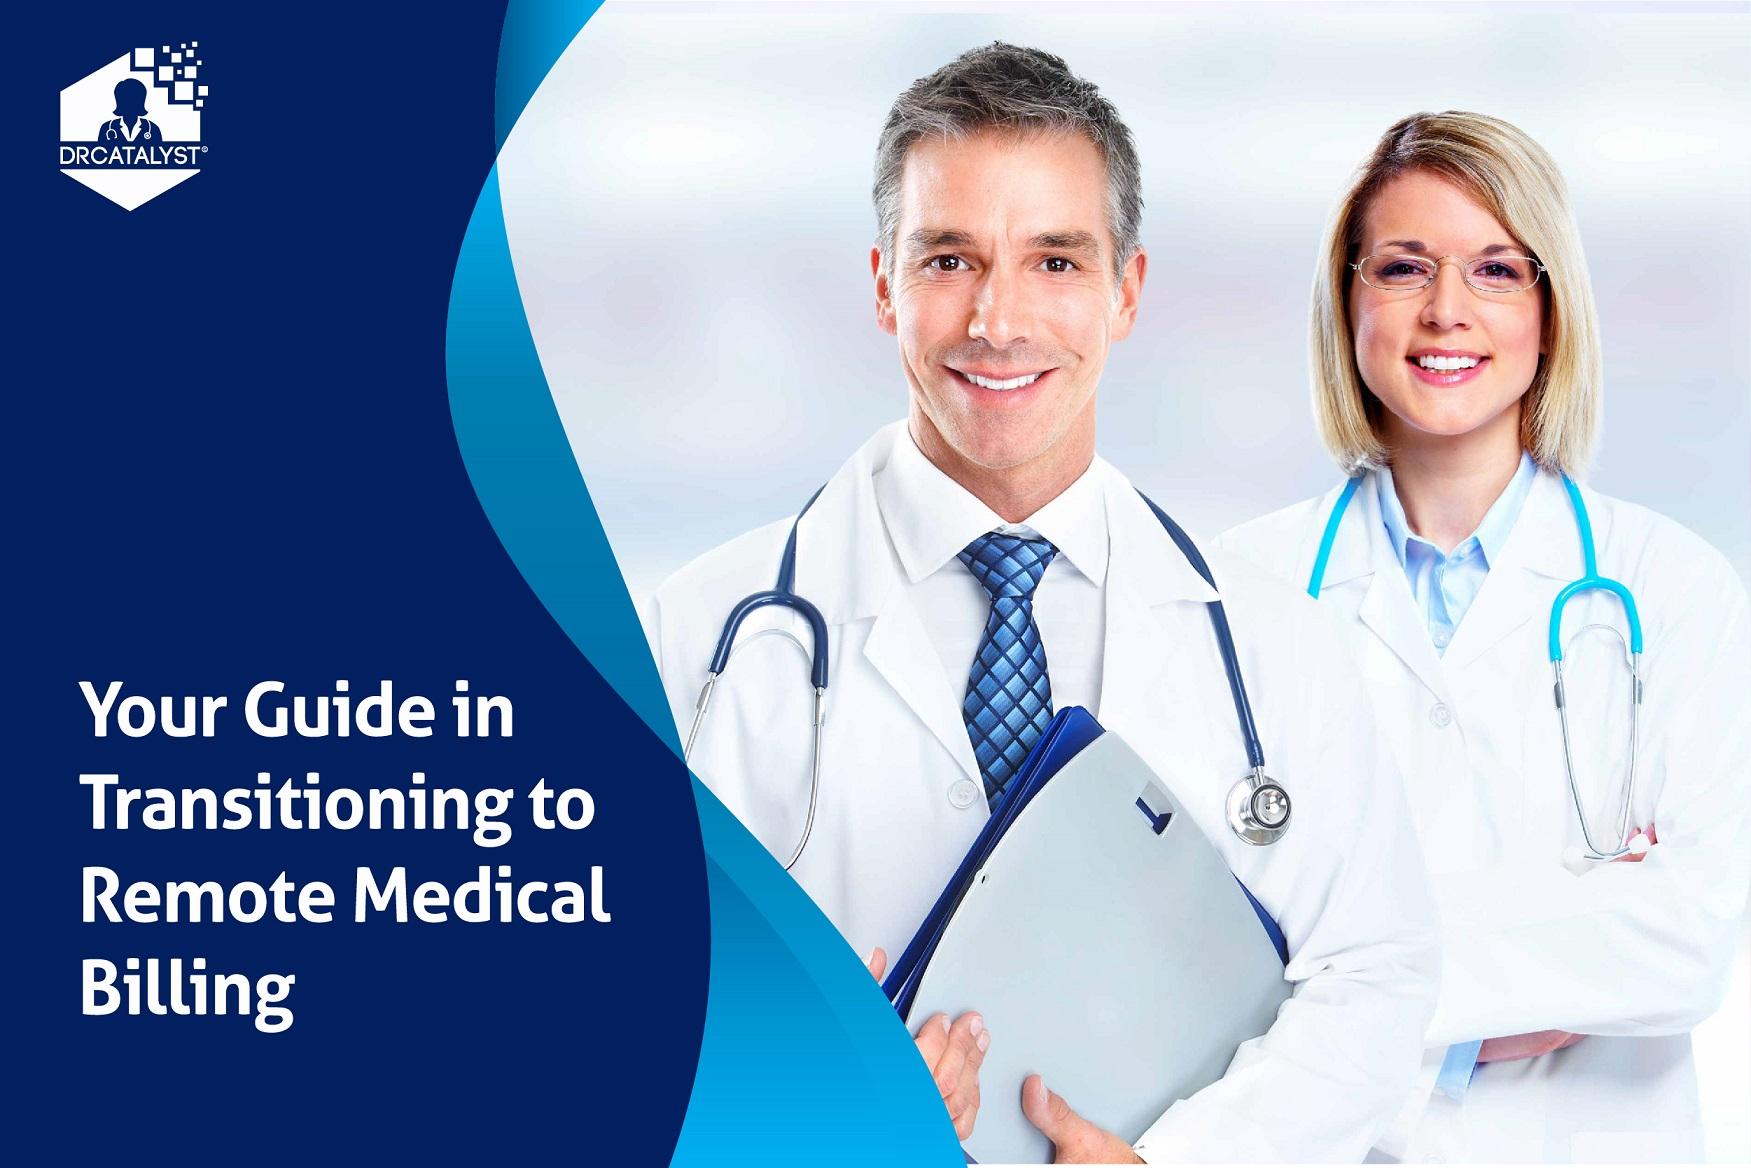 remote medical billing guide